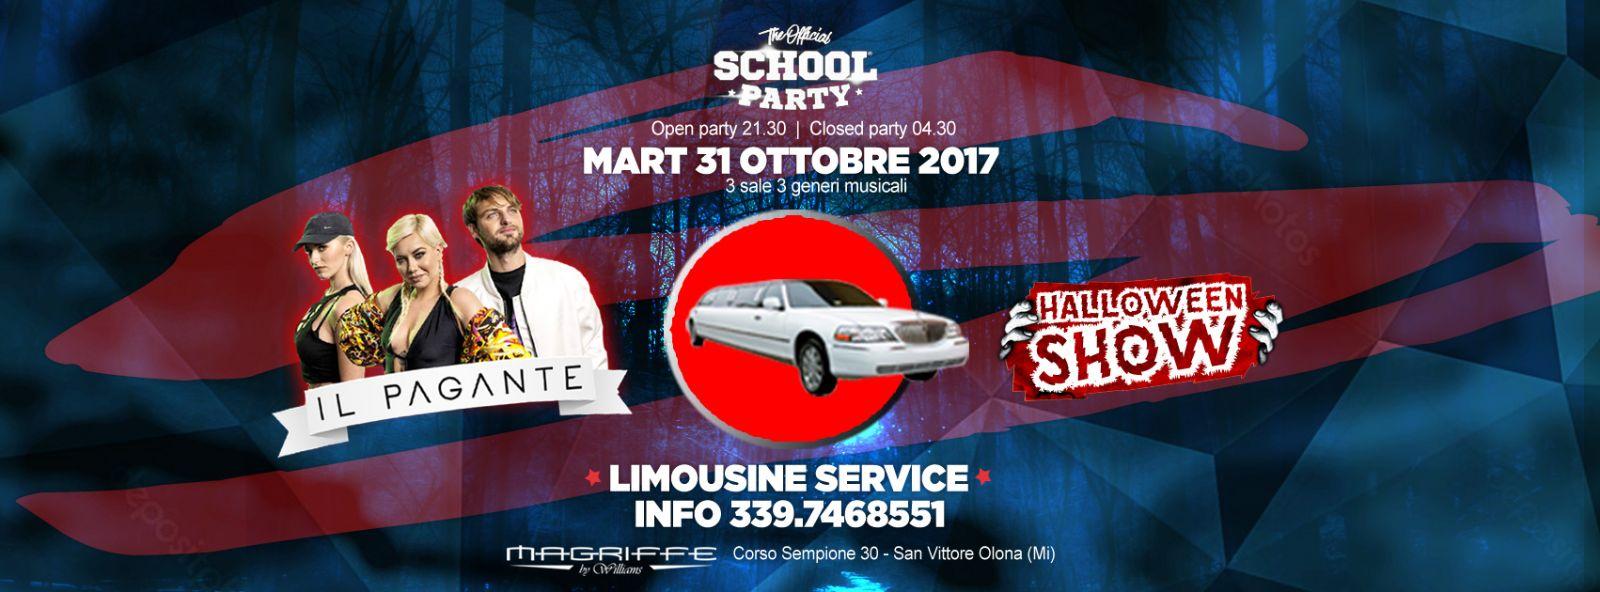 Martedì 31 Ottobre 2017- THE HALLOWEEN SHOW Guest IL PAGANTE L'Unico Ufficiale School Party di Legnano e provincia da oltre 12 anni vi aspetta at @Magriffe Discoteka con un guest d'eccezione: